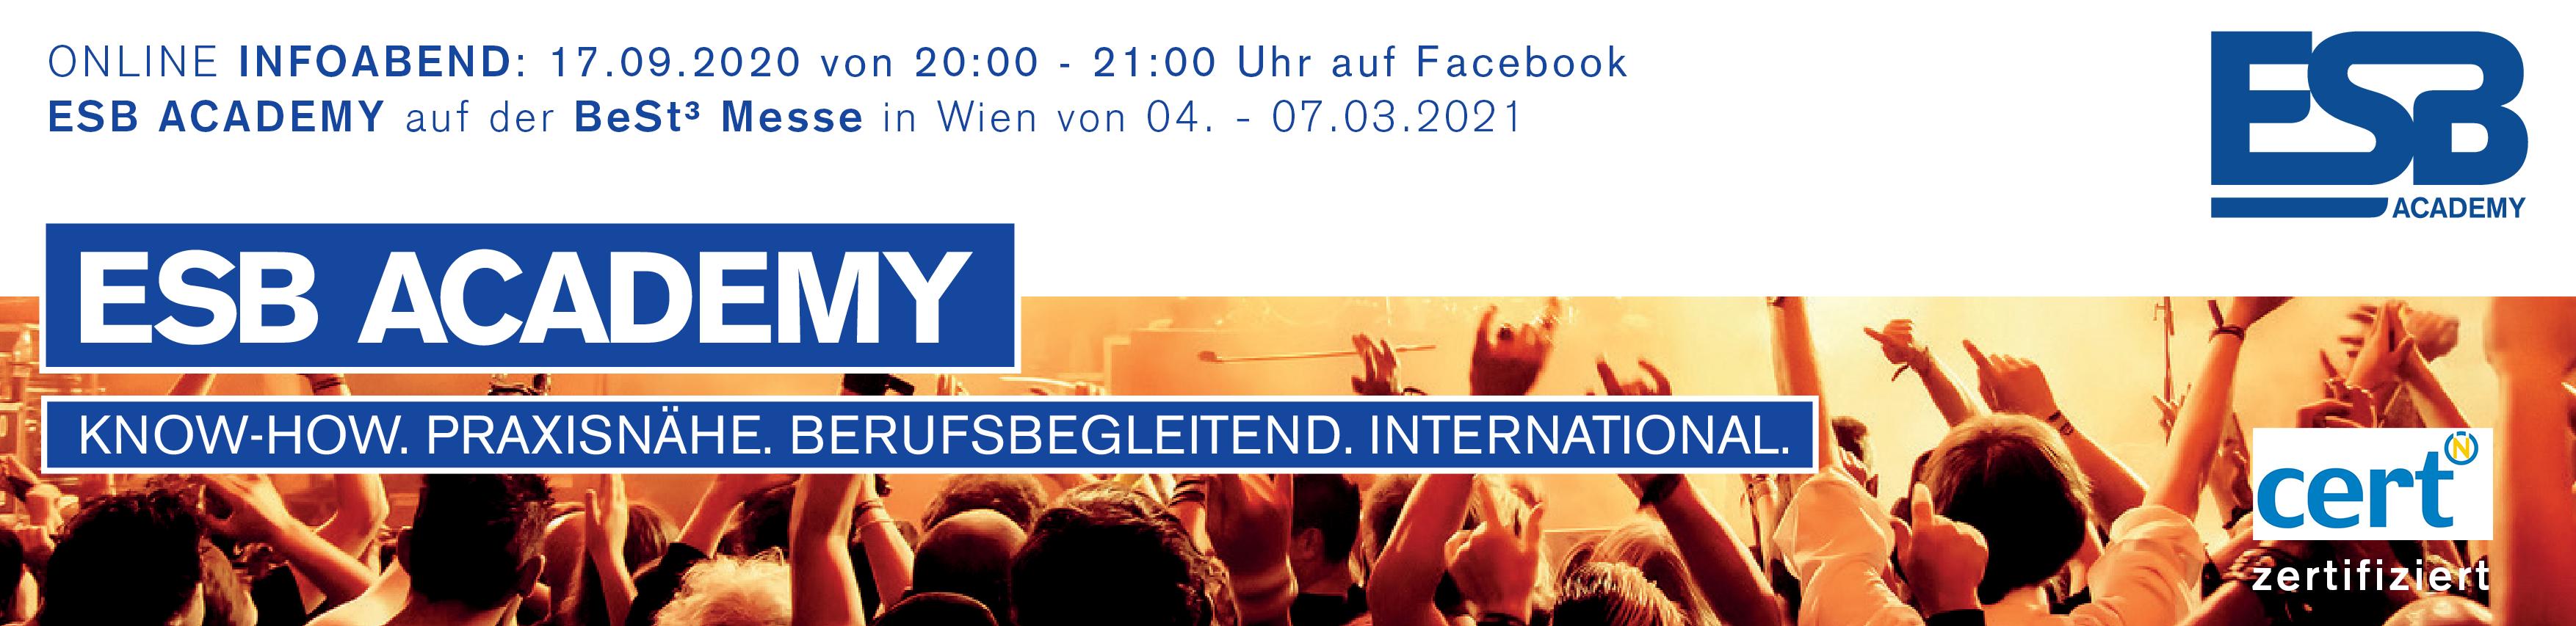 Eventmanagement Ausbildung in Wien, Linz, Salzburg und Tirol – ESB Academy Logo